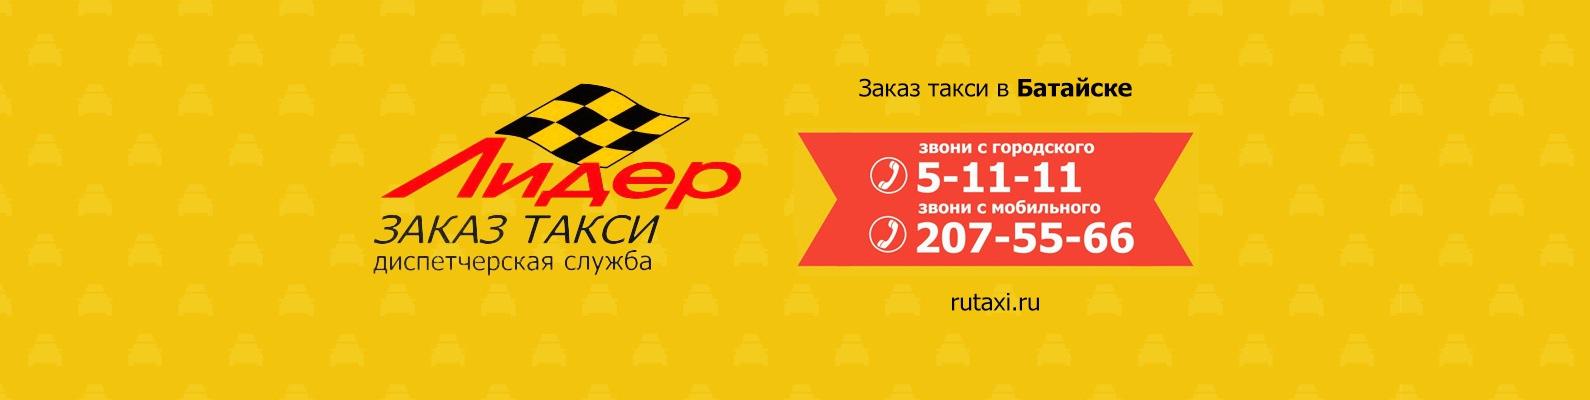 Номер такси в городе батайск